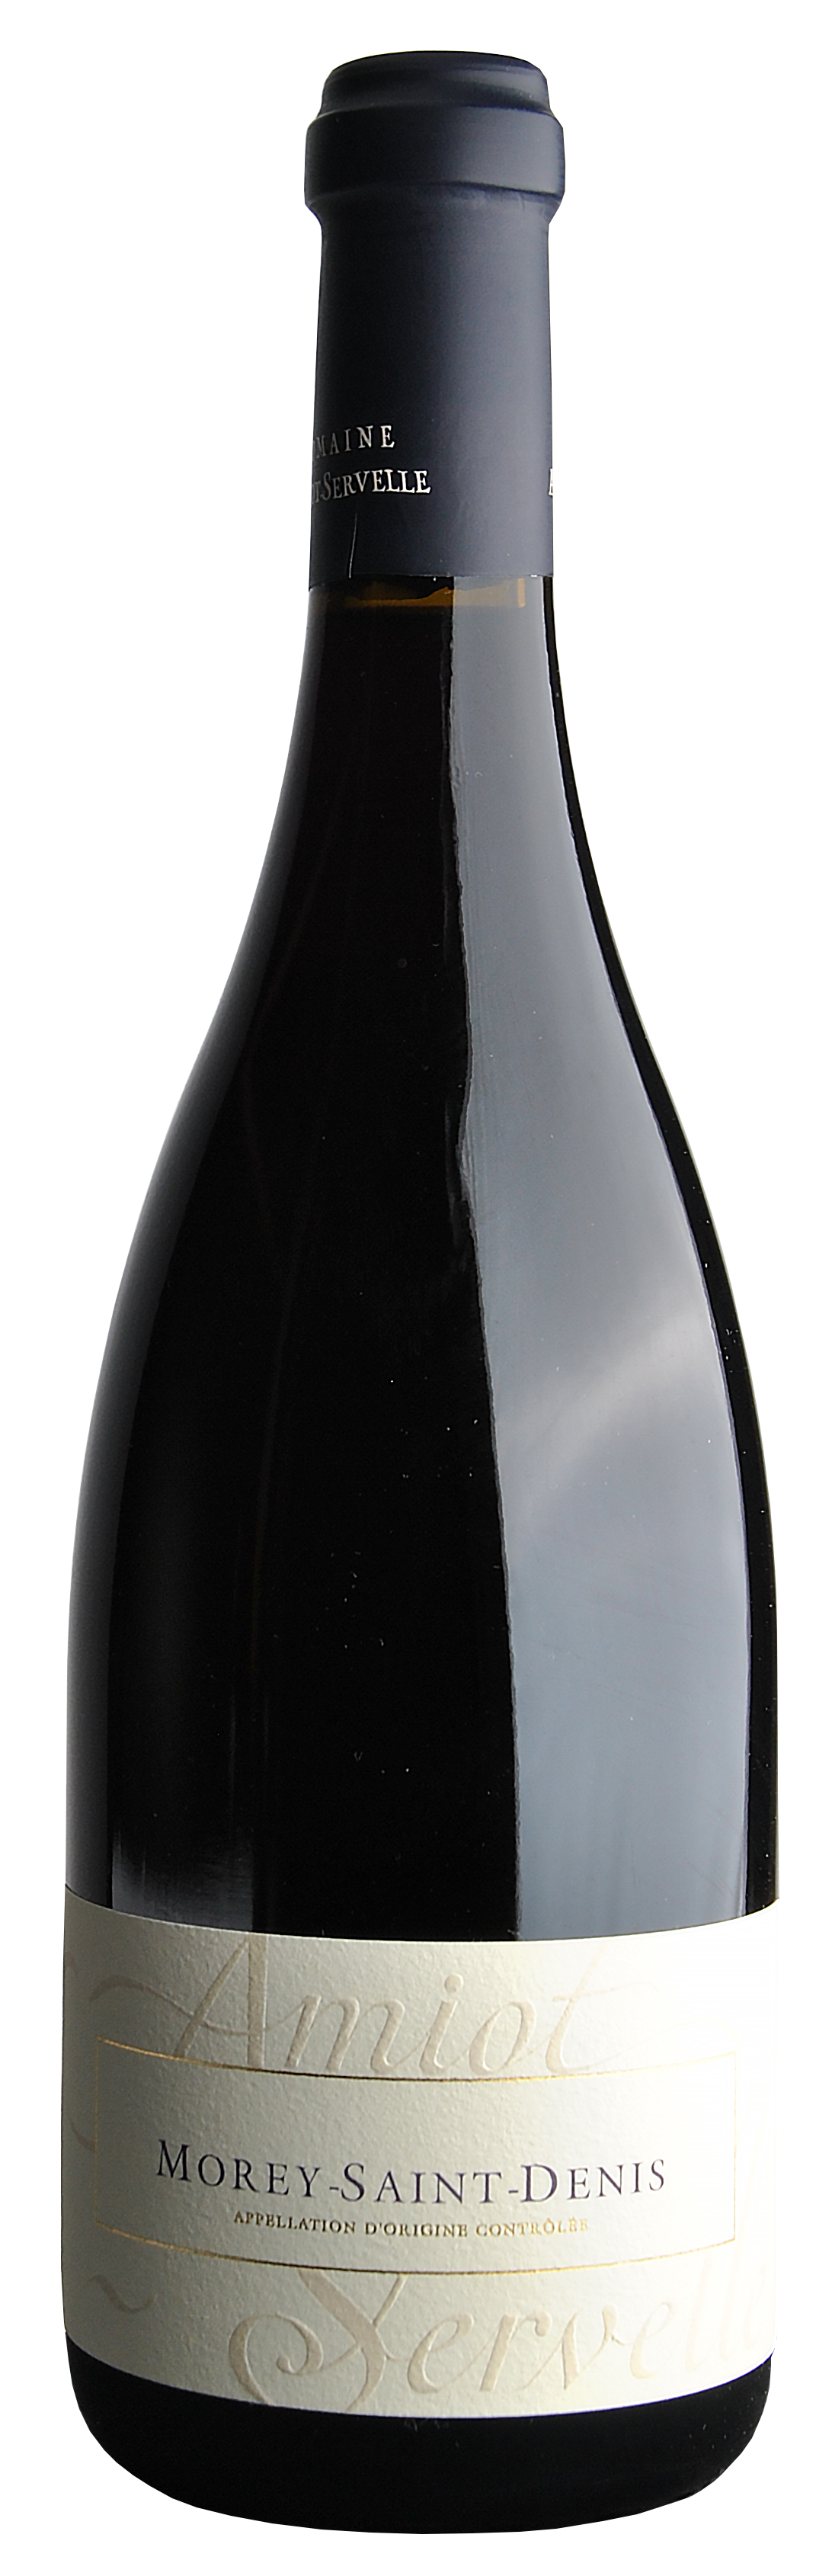 Morey Saint Denis - Vins Pirard